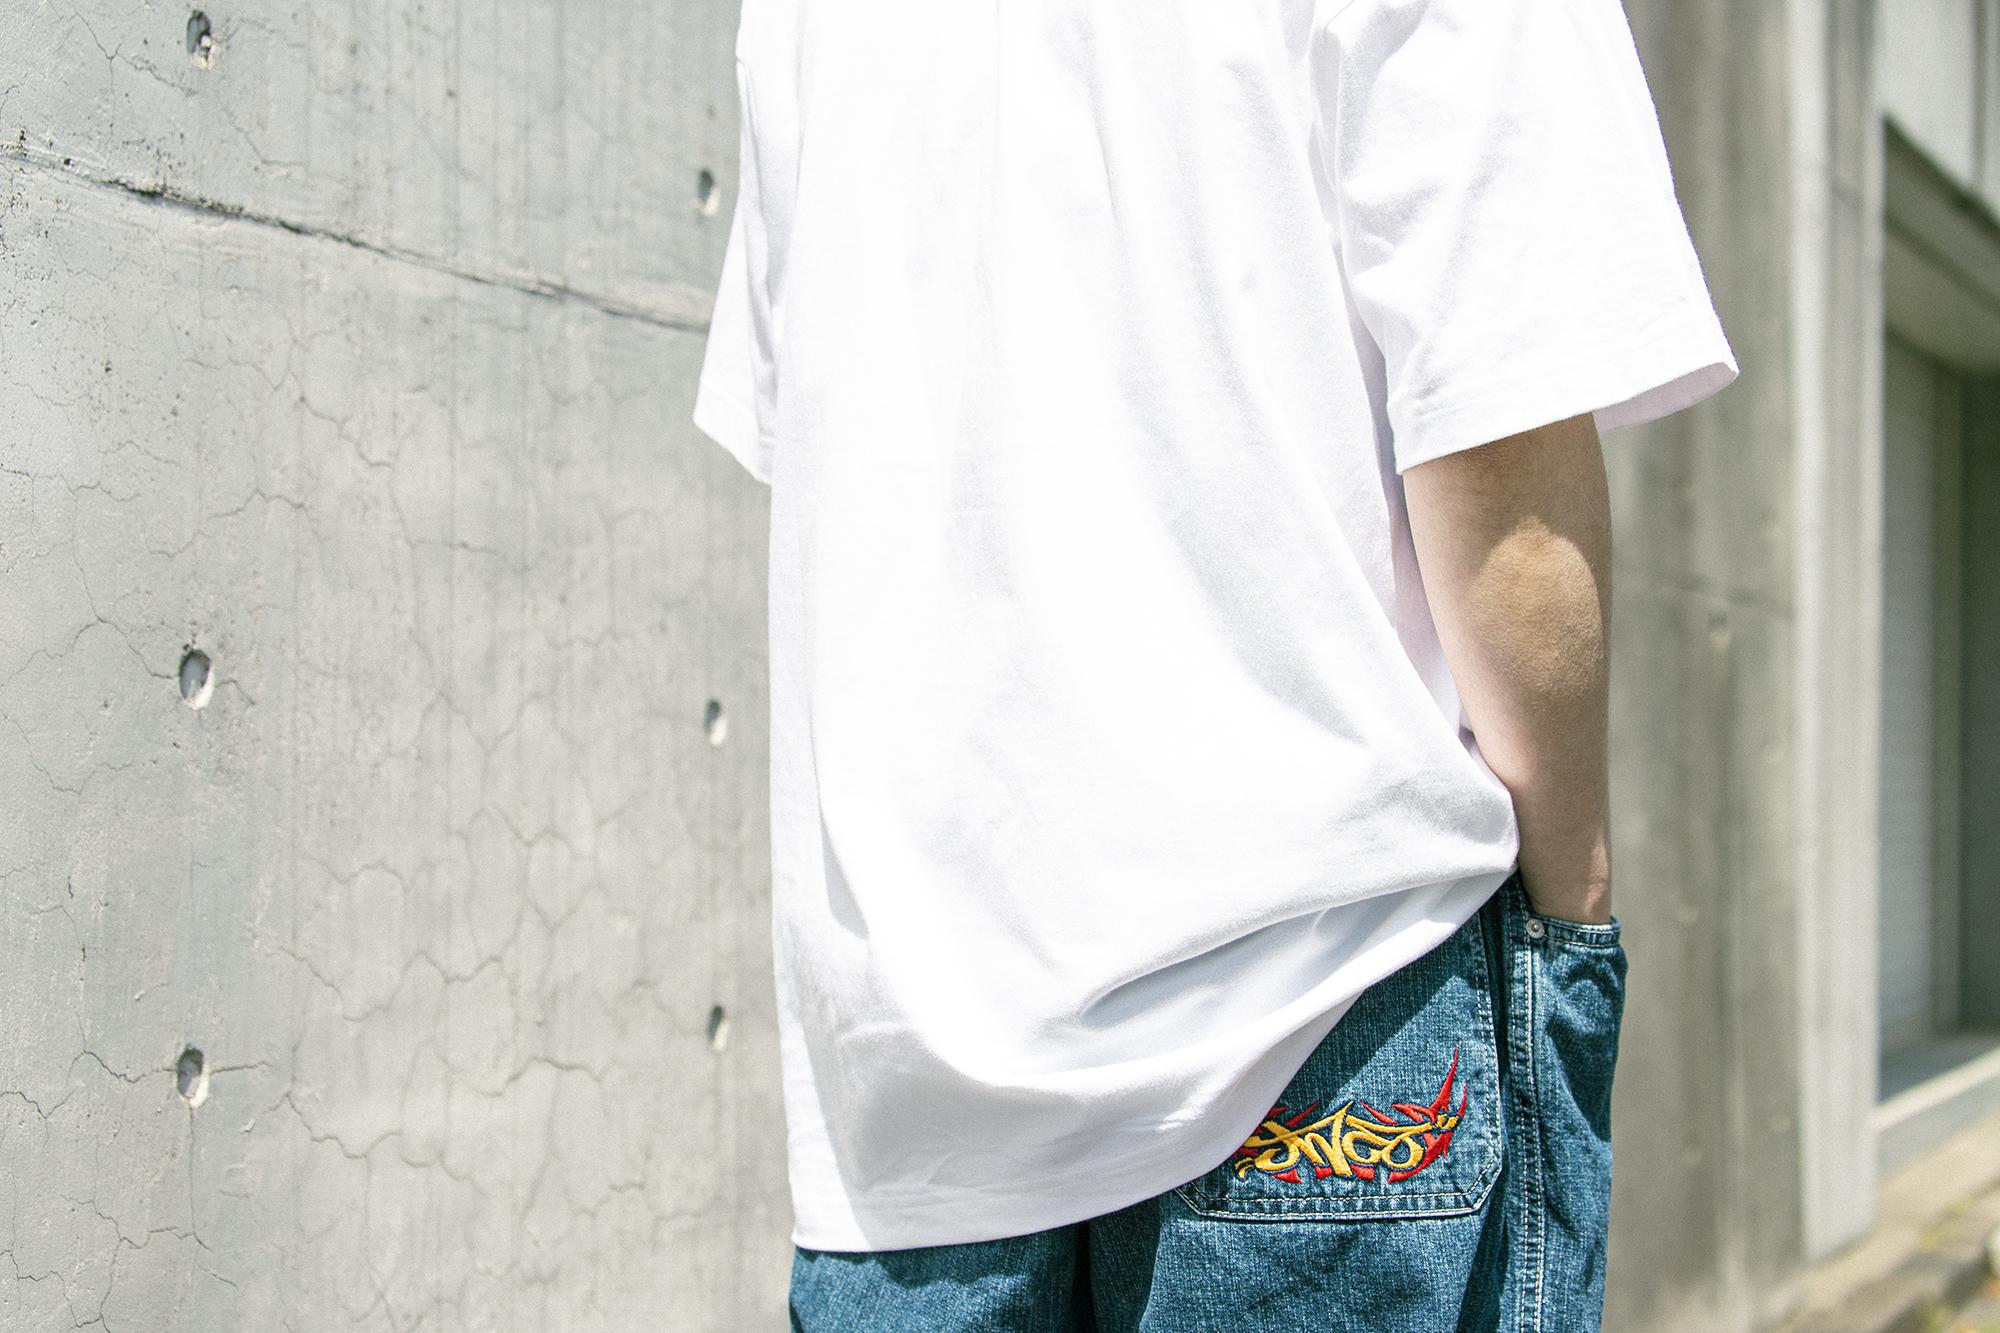 ヘインズ(HANES)Tシャツを男性が着用